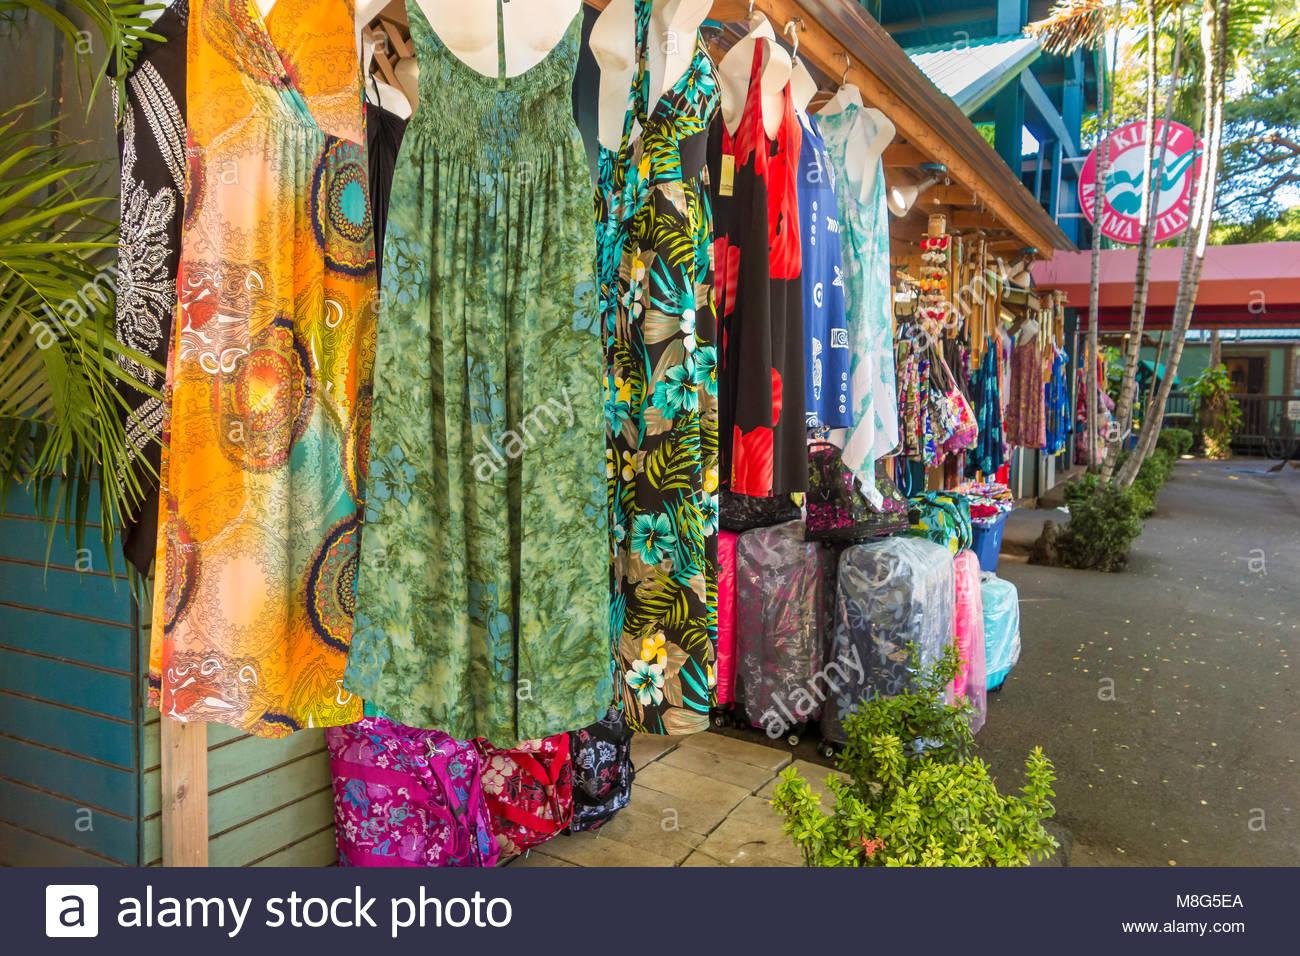 Tienda De Ropa Venta Vestidos De Kalama Village Shopping